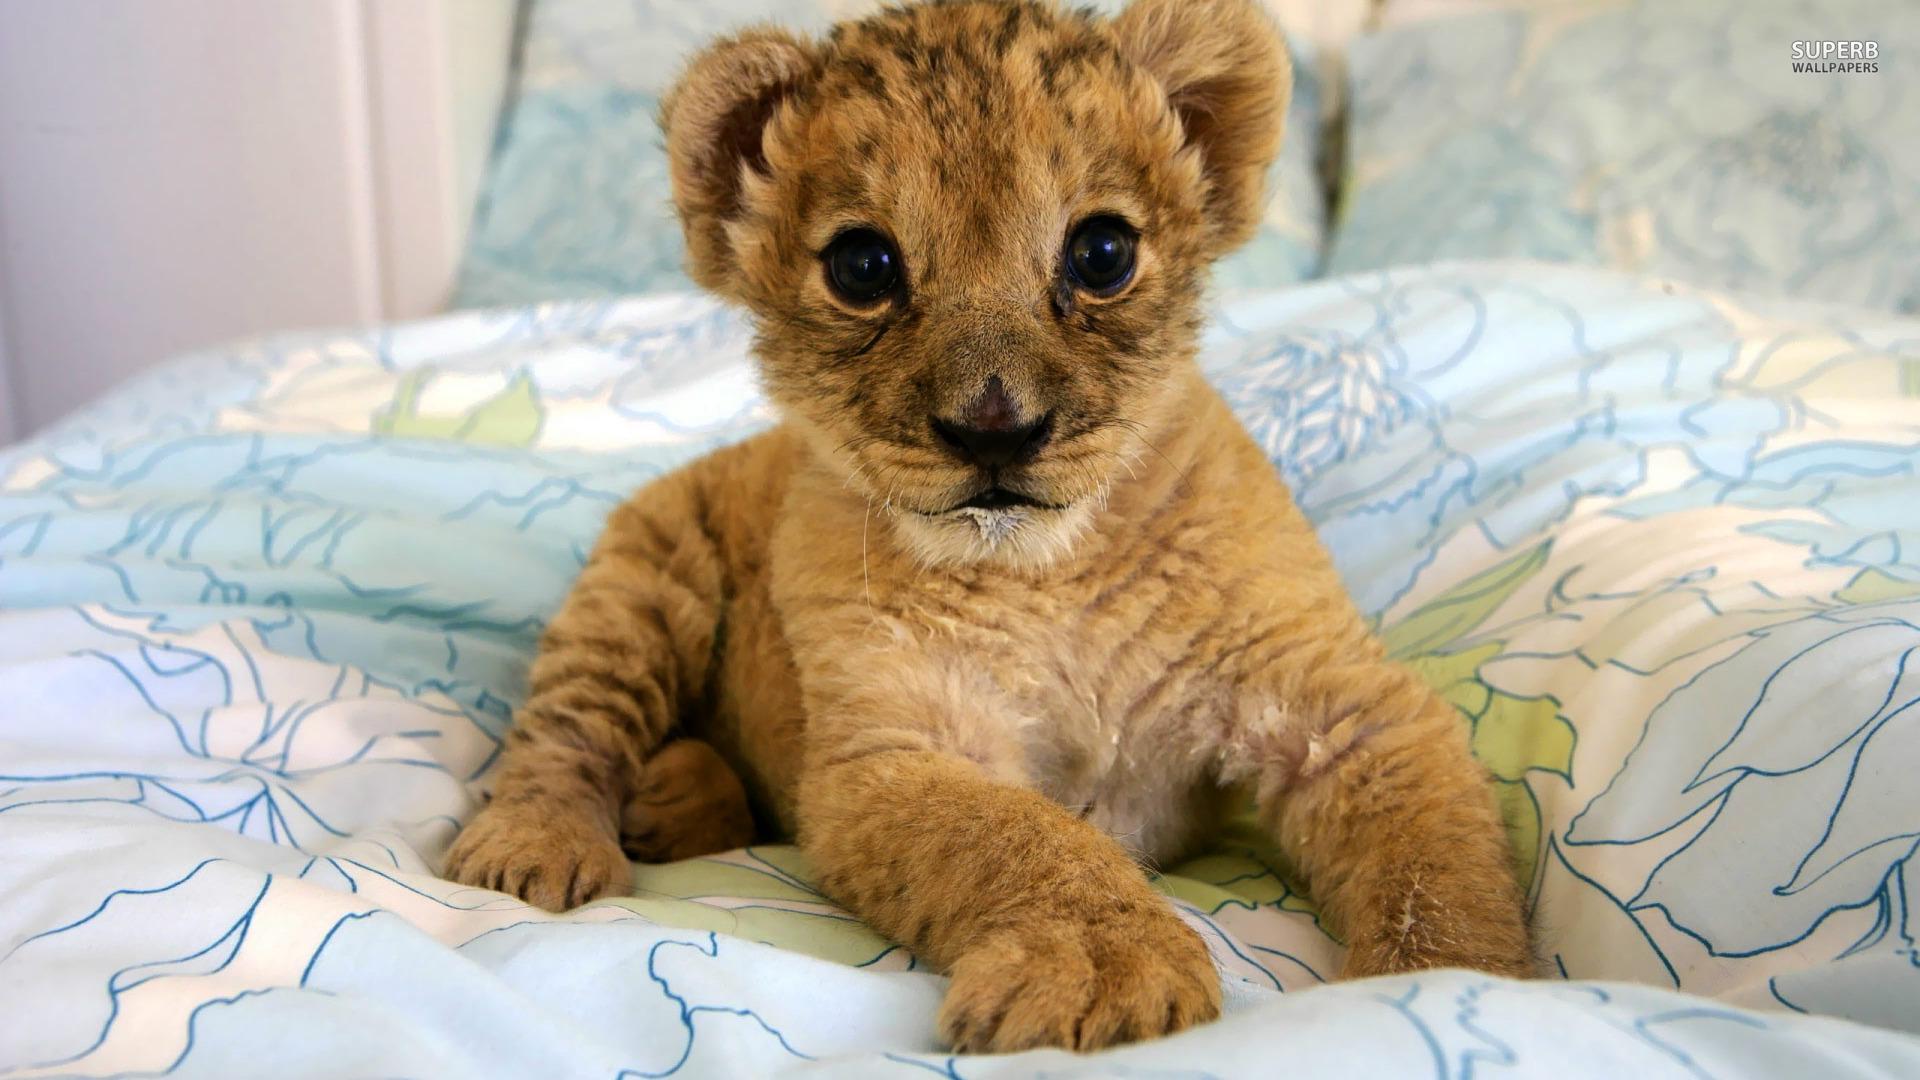 Lion cubs image lion cubs 36139549 1920 1080jpg 1920x1080